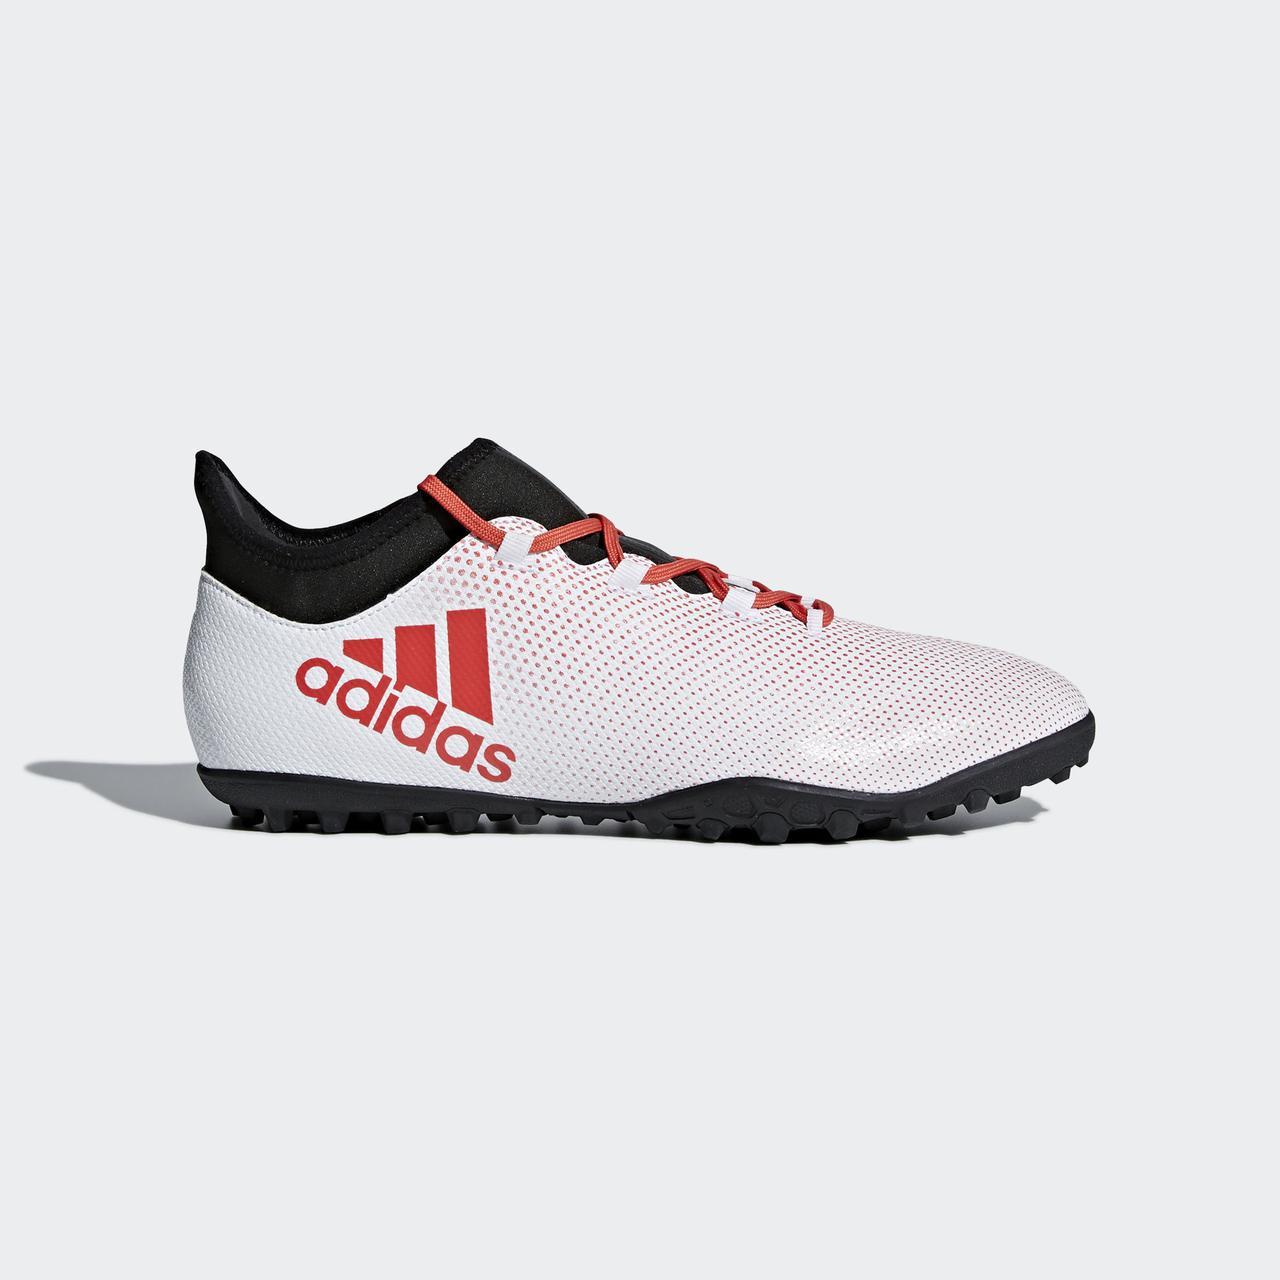 e2e060778af90b Футбольные сороконожки adidas X Tango 17.3 TF -